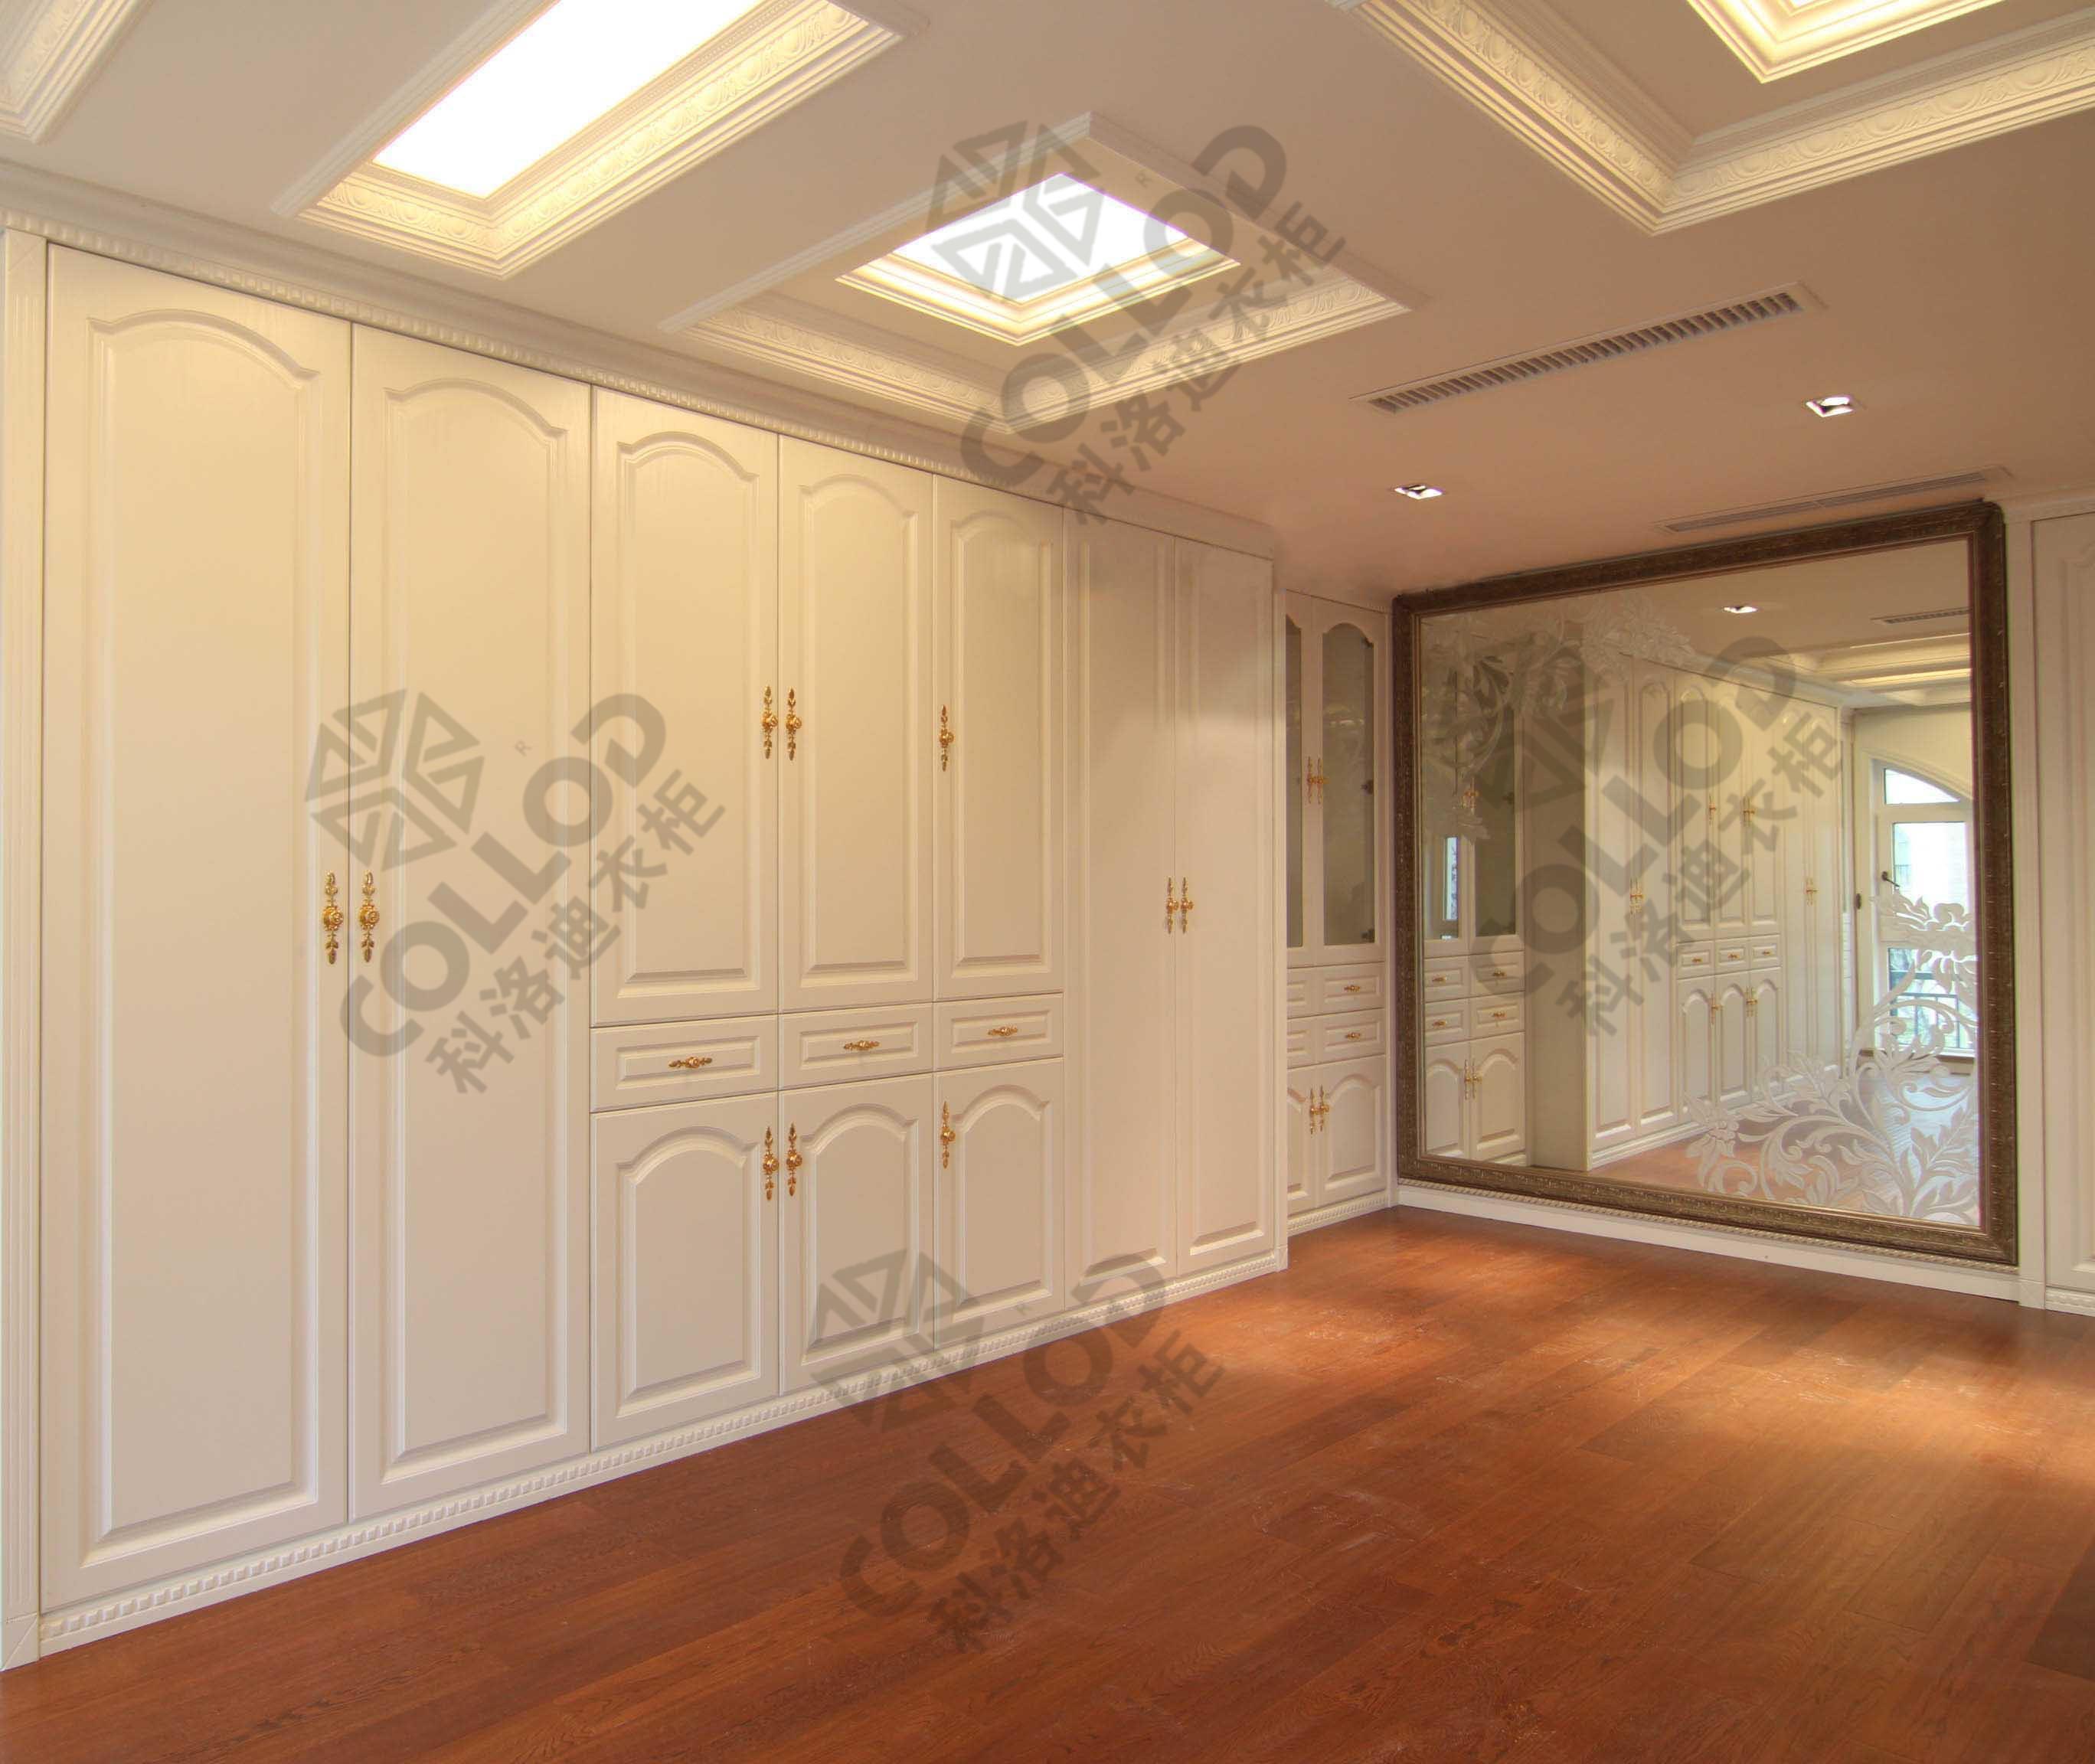 思明欧式衣柜 供应厦门科洛迪家居超优惠的欧式衣柜